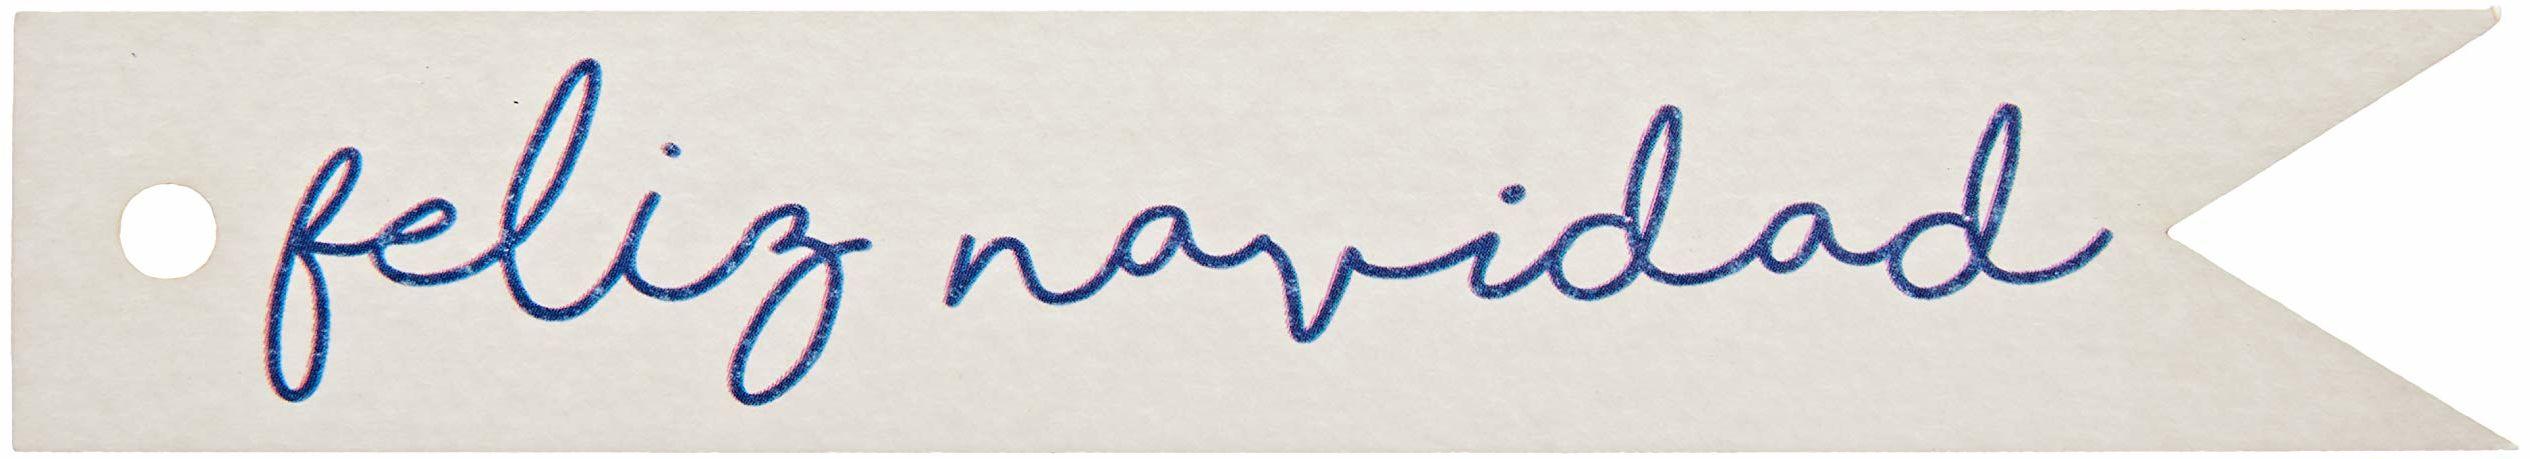 Mopec NX481.25.1 kartka z życzeniami na Boże Narodzenie, niebieska, 11 x 2 cm, 20 sztuk